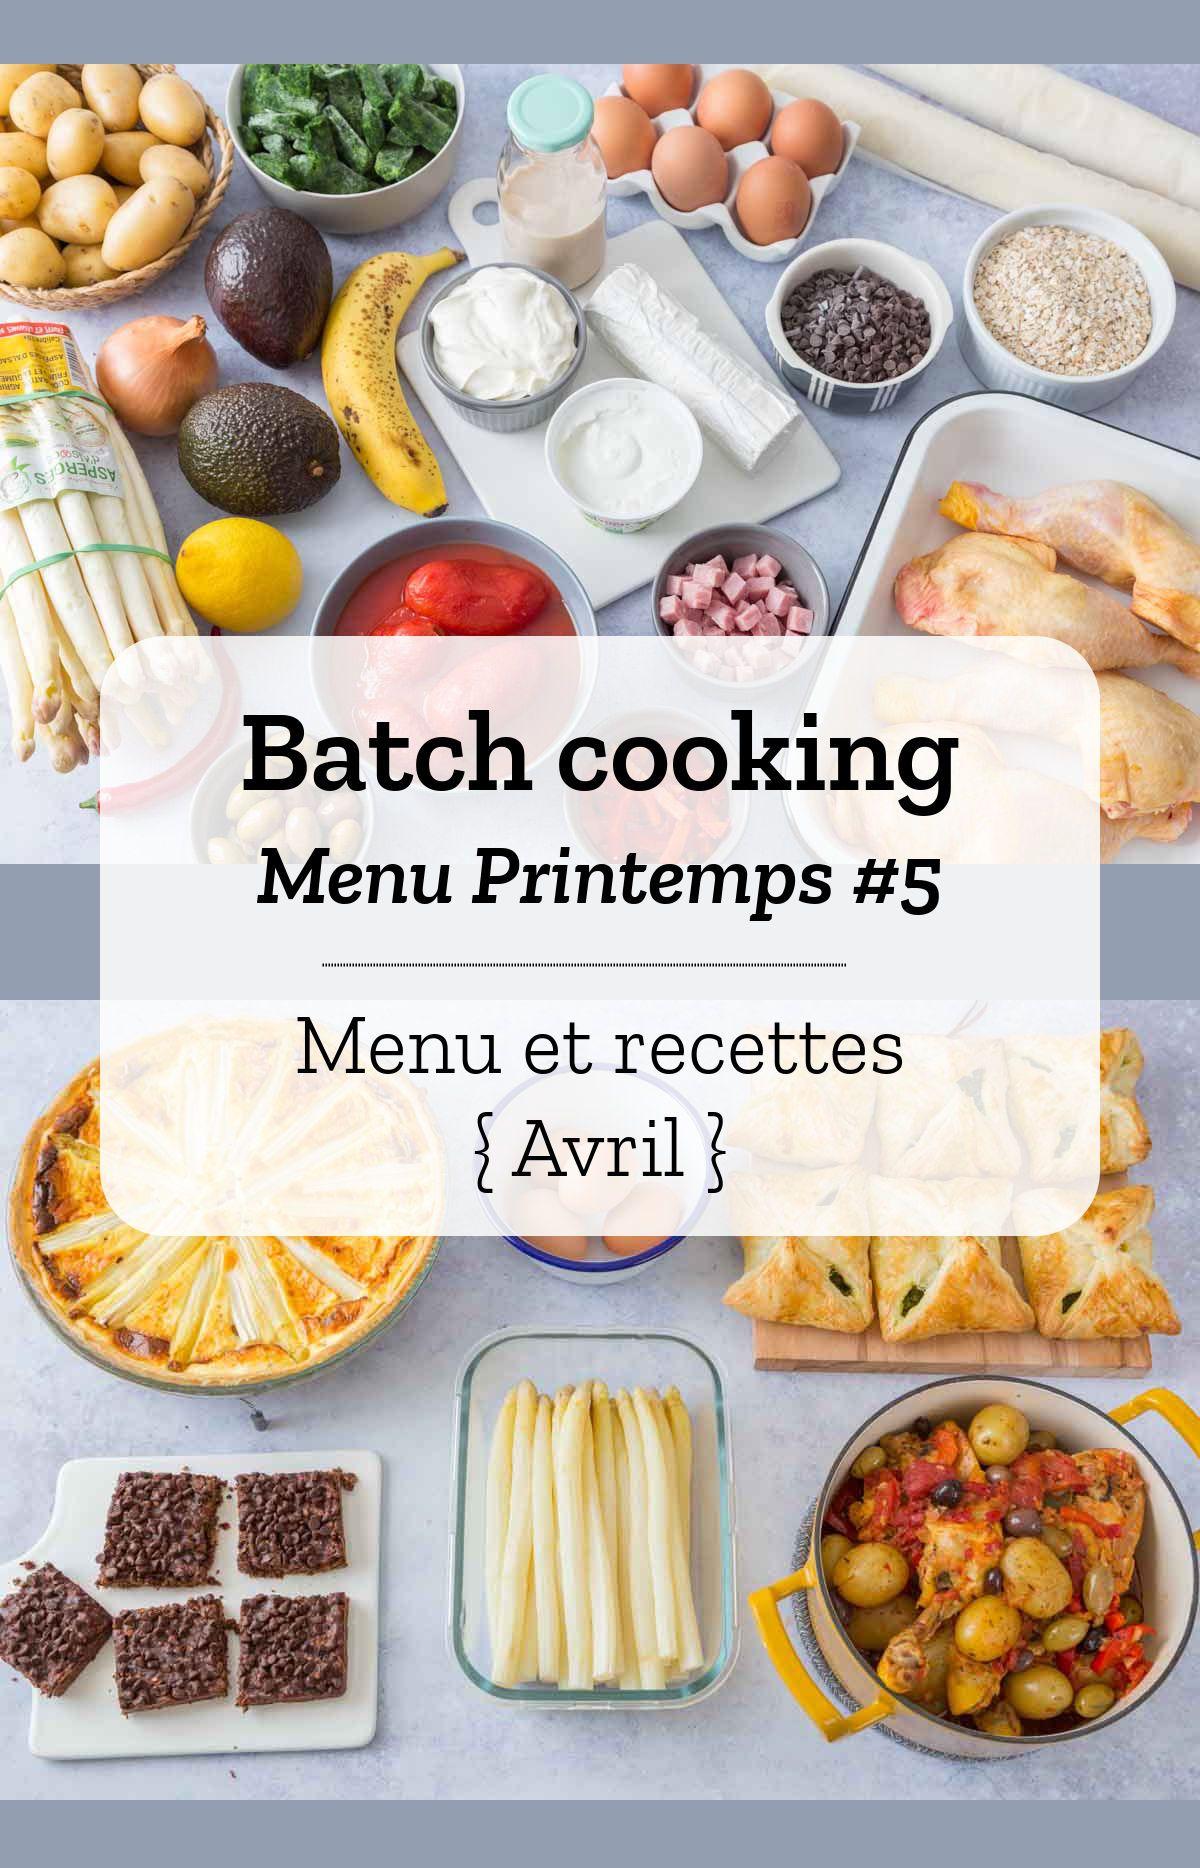 Idée Repas Printemps Batch cooking Printemps #5 – Mois d'Avril – Semaine 17 | Repas